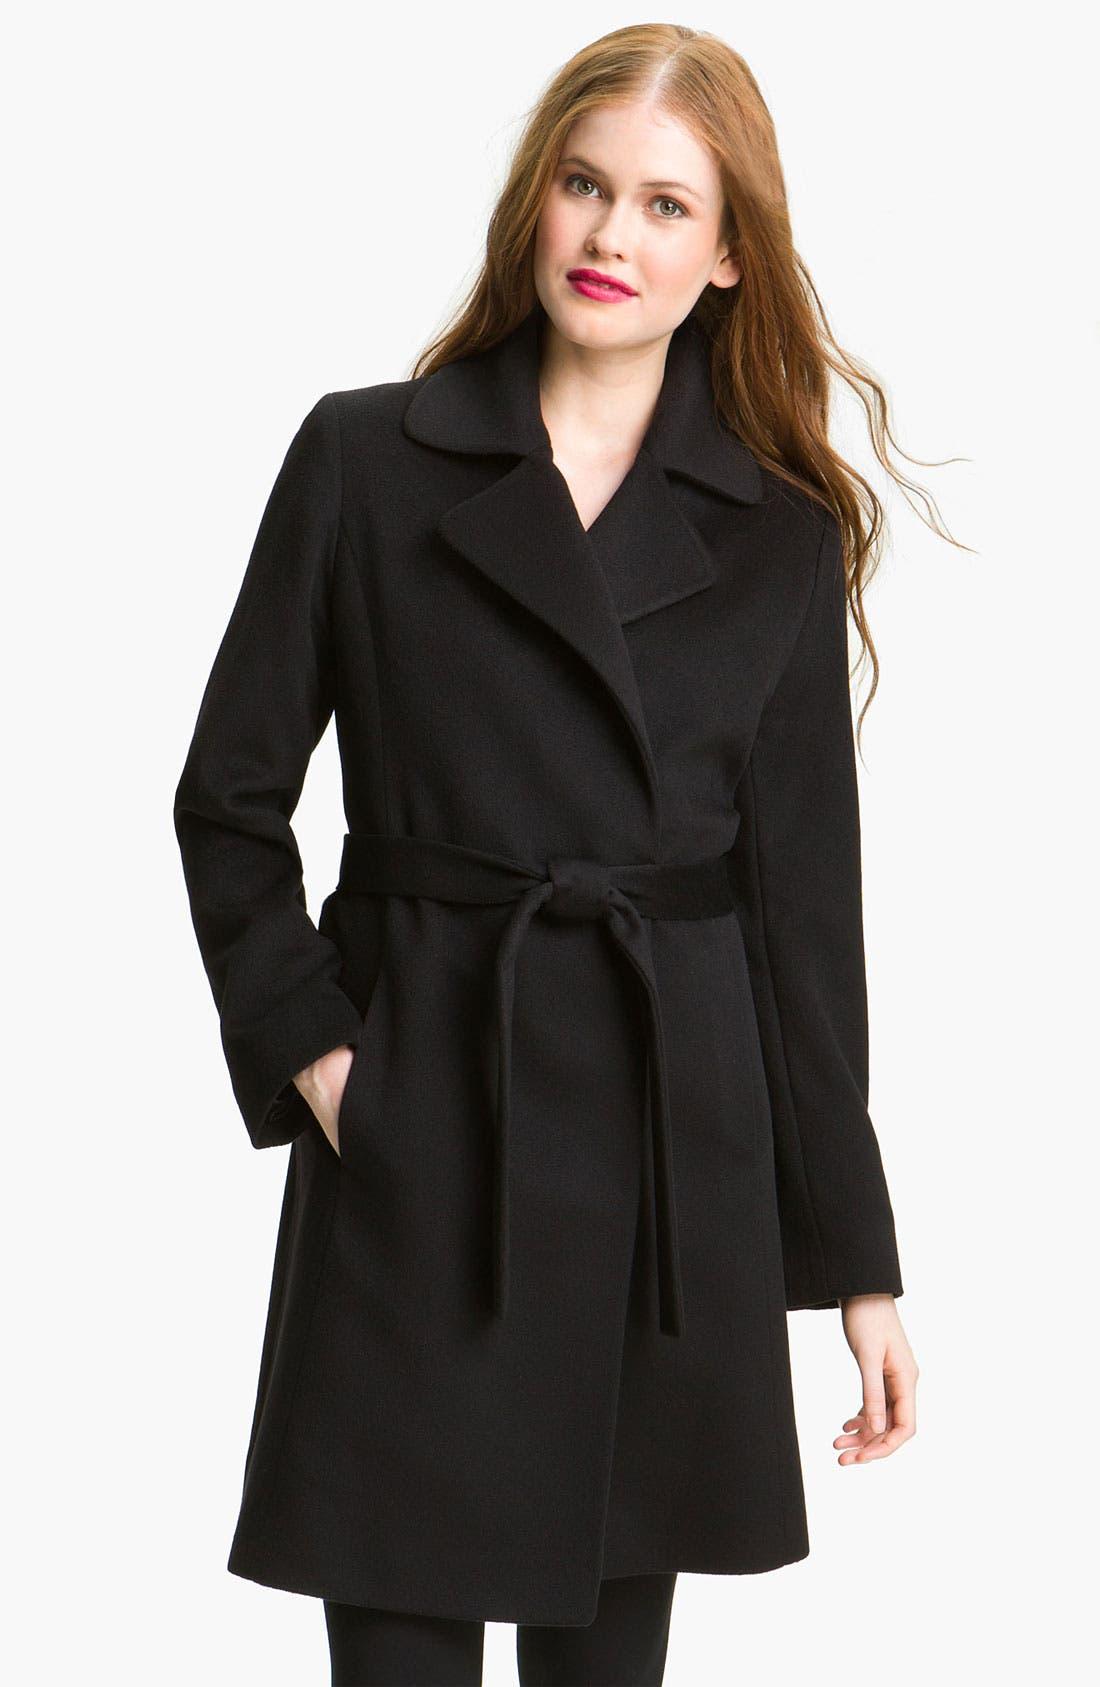 Alternate Image 1 Selected - Fleurette Cashmere Wrap Coat (Online Exclusive)